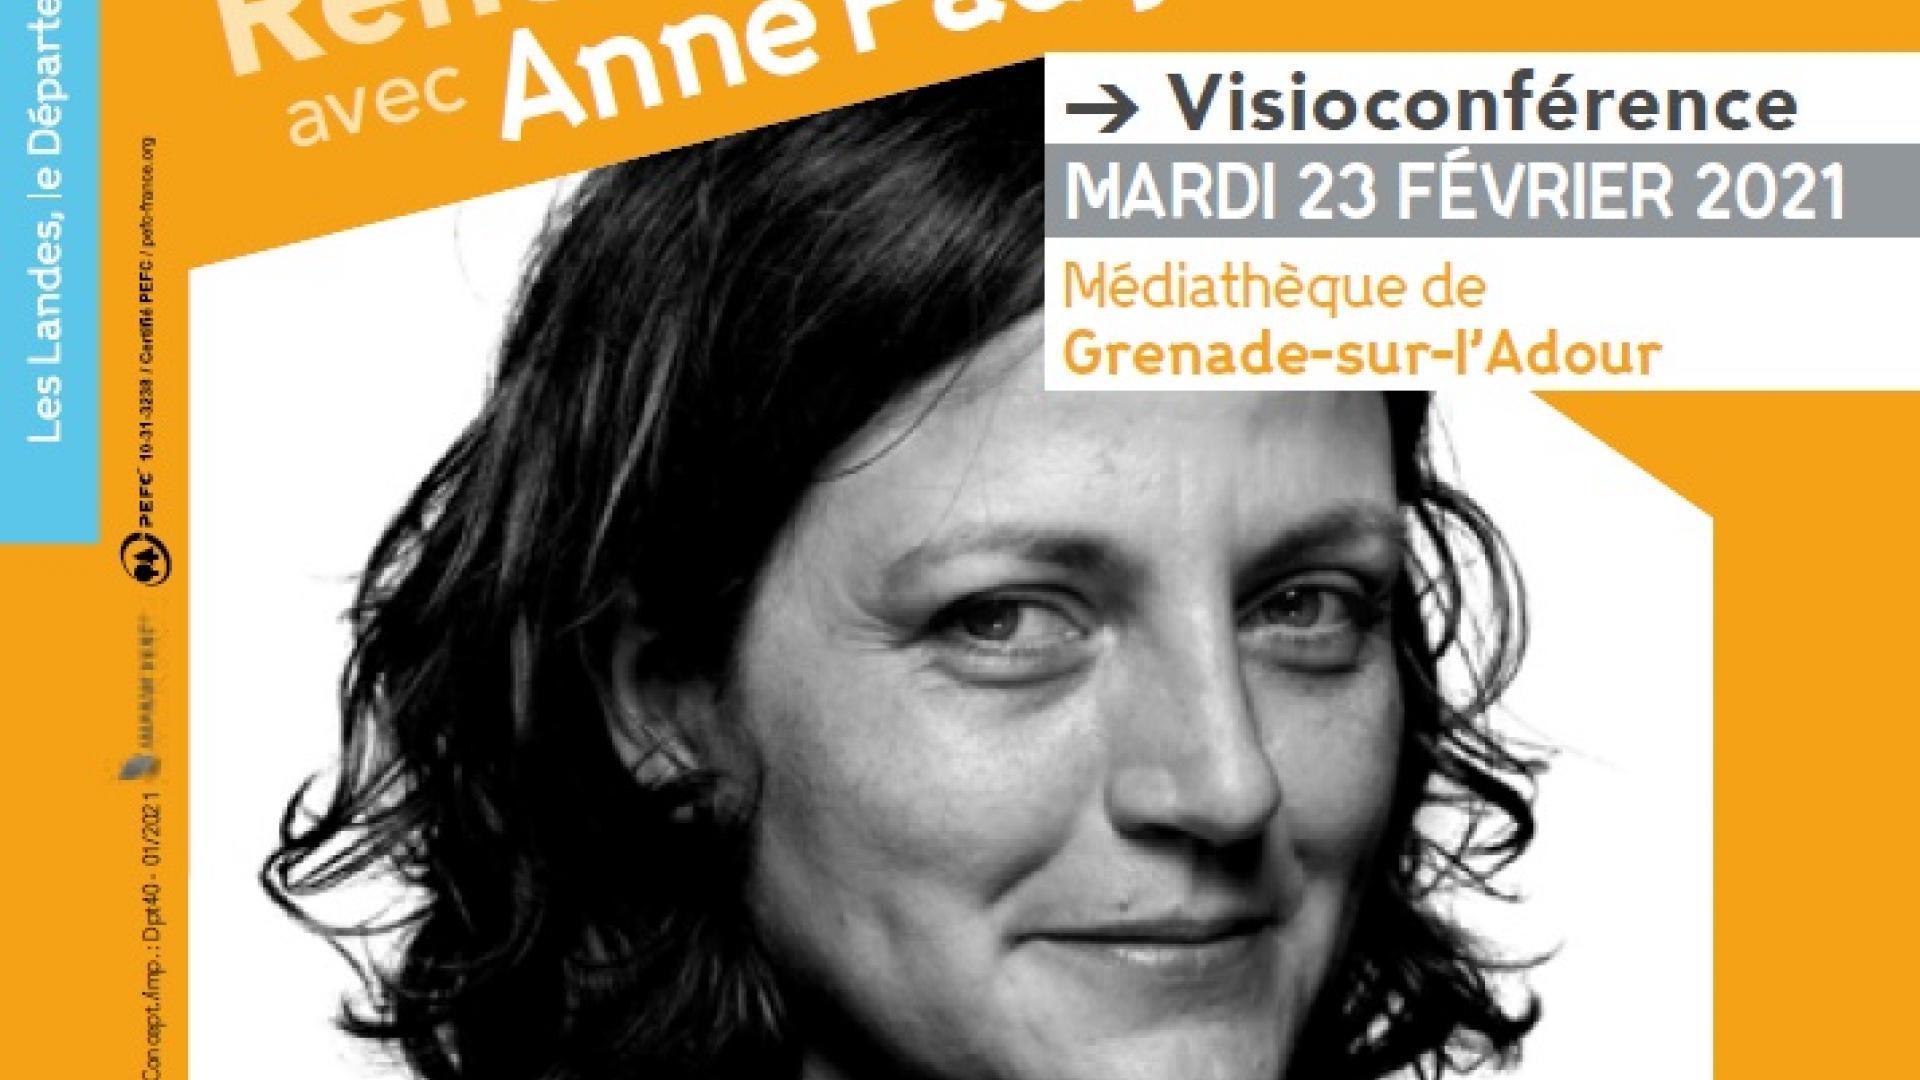 Rencontre Femme Landes - Site de rencontre gratuit Landes